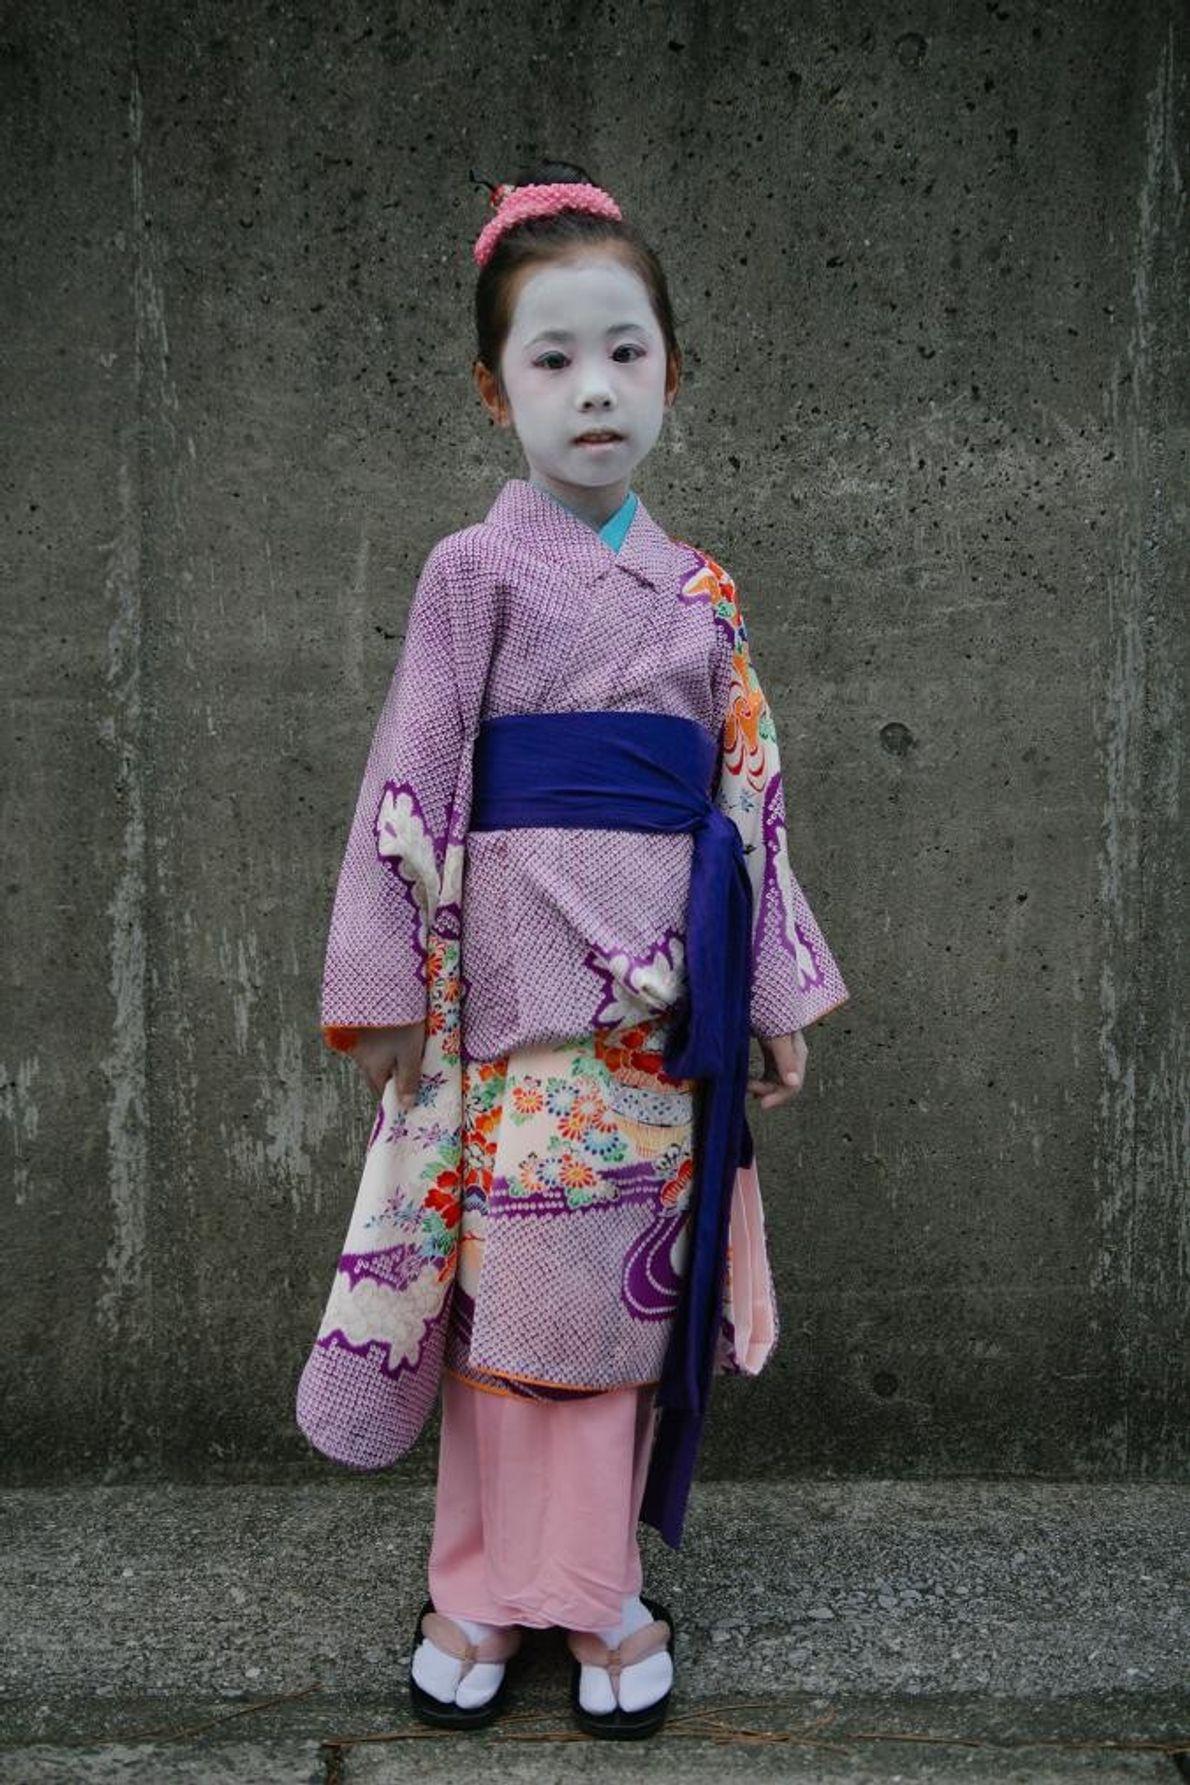 Des enfants déguisés en personnages populaires de la culture japonaise - kitsune, geisha, et tanuki - ...